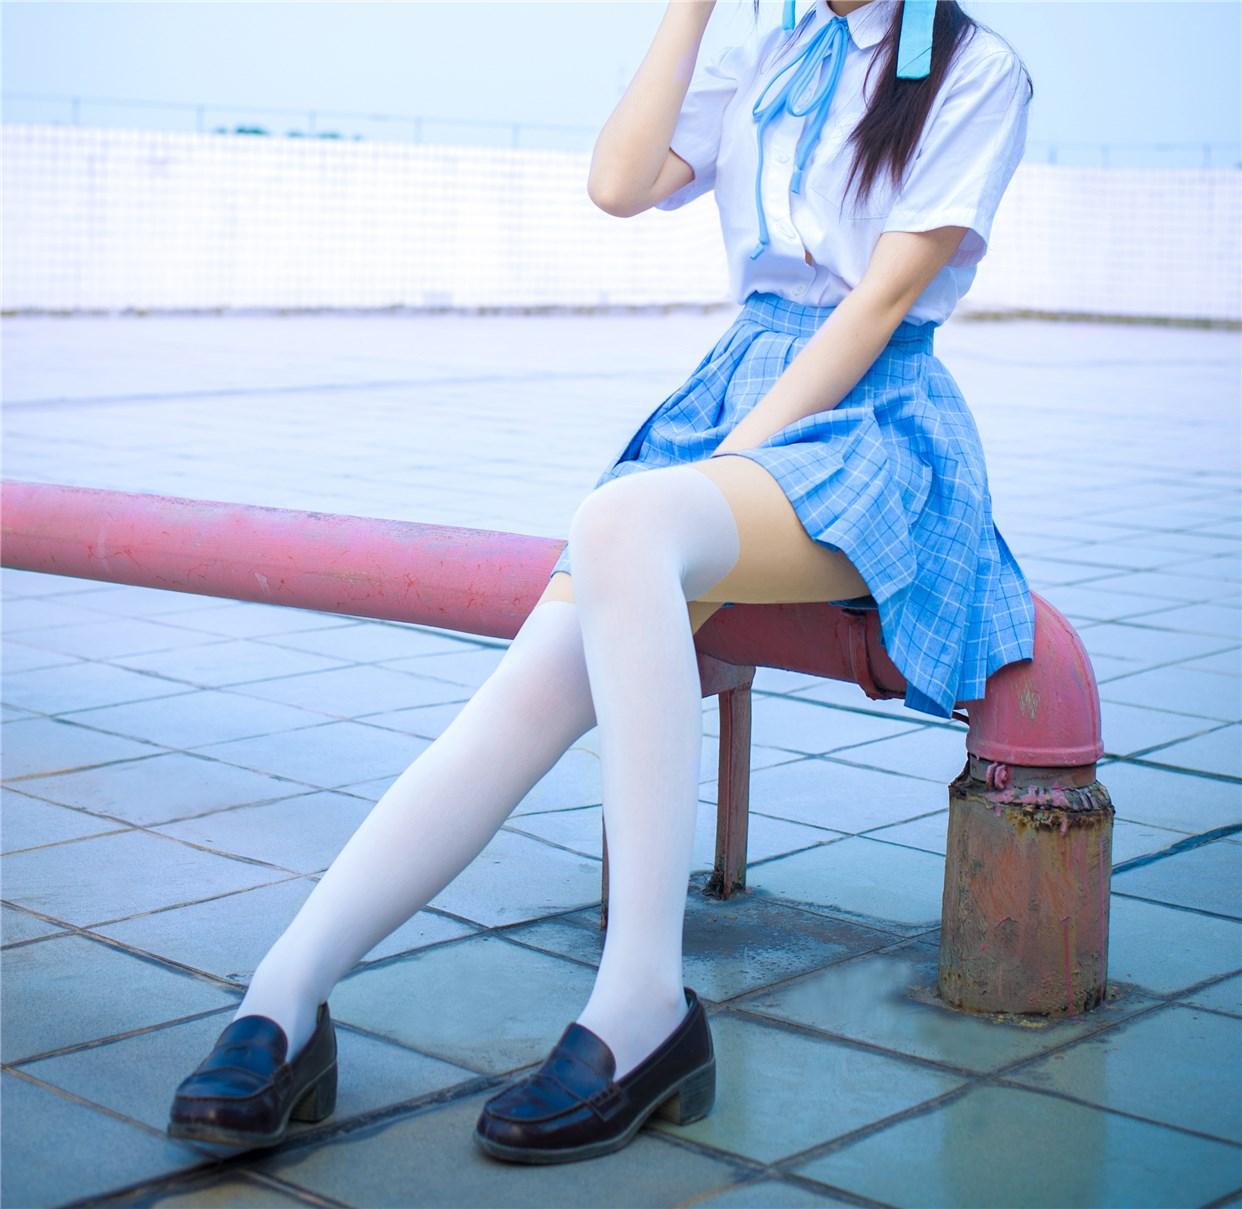 【兔玩映画】超清新的JK少女 兔玩映画 第4张